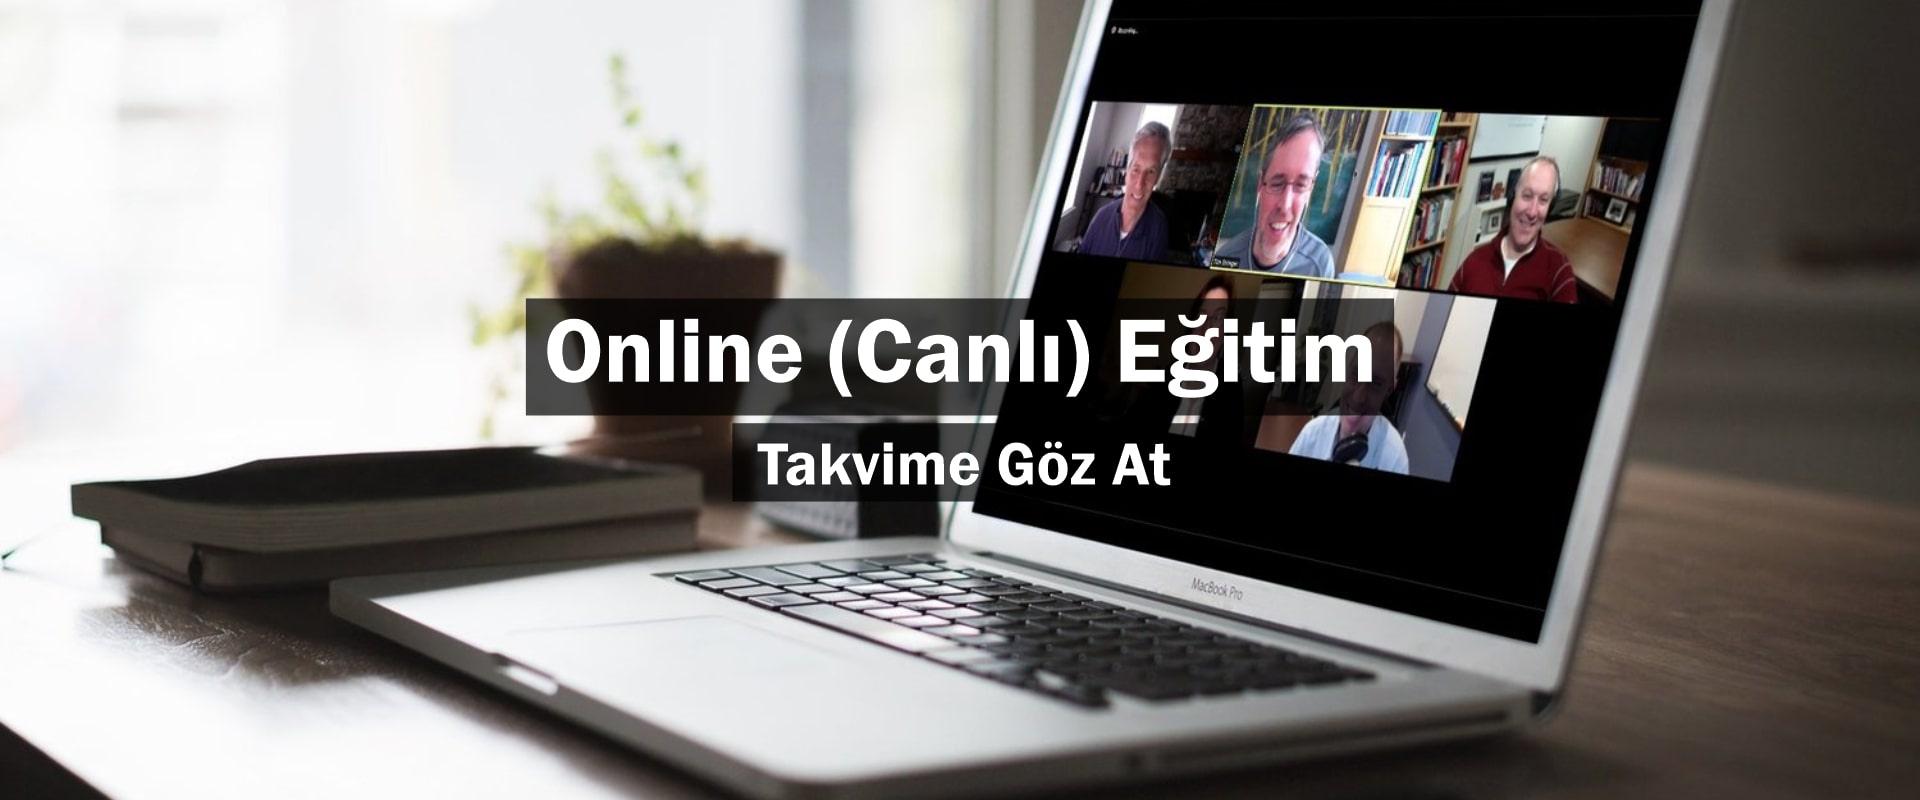 Online Canlı Eğitimler Online Kişisel Gelişim Eğitimleri Online Kurumsal Eğitimler Online Etkili İletişim Teknikleri Eğitimi Online Etkili Beden Dili Online Stres Yönetimi ve Öfke Kontrolü Online Topluluk Önünde Konuşma